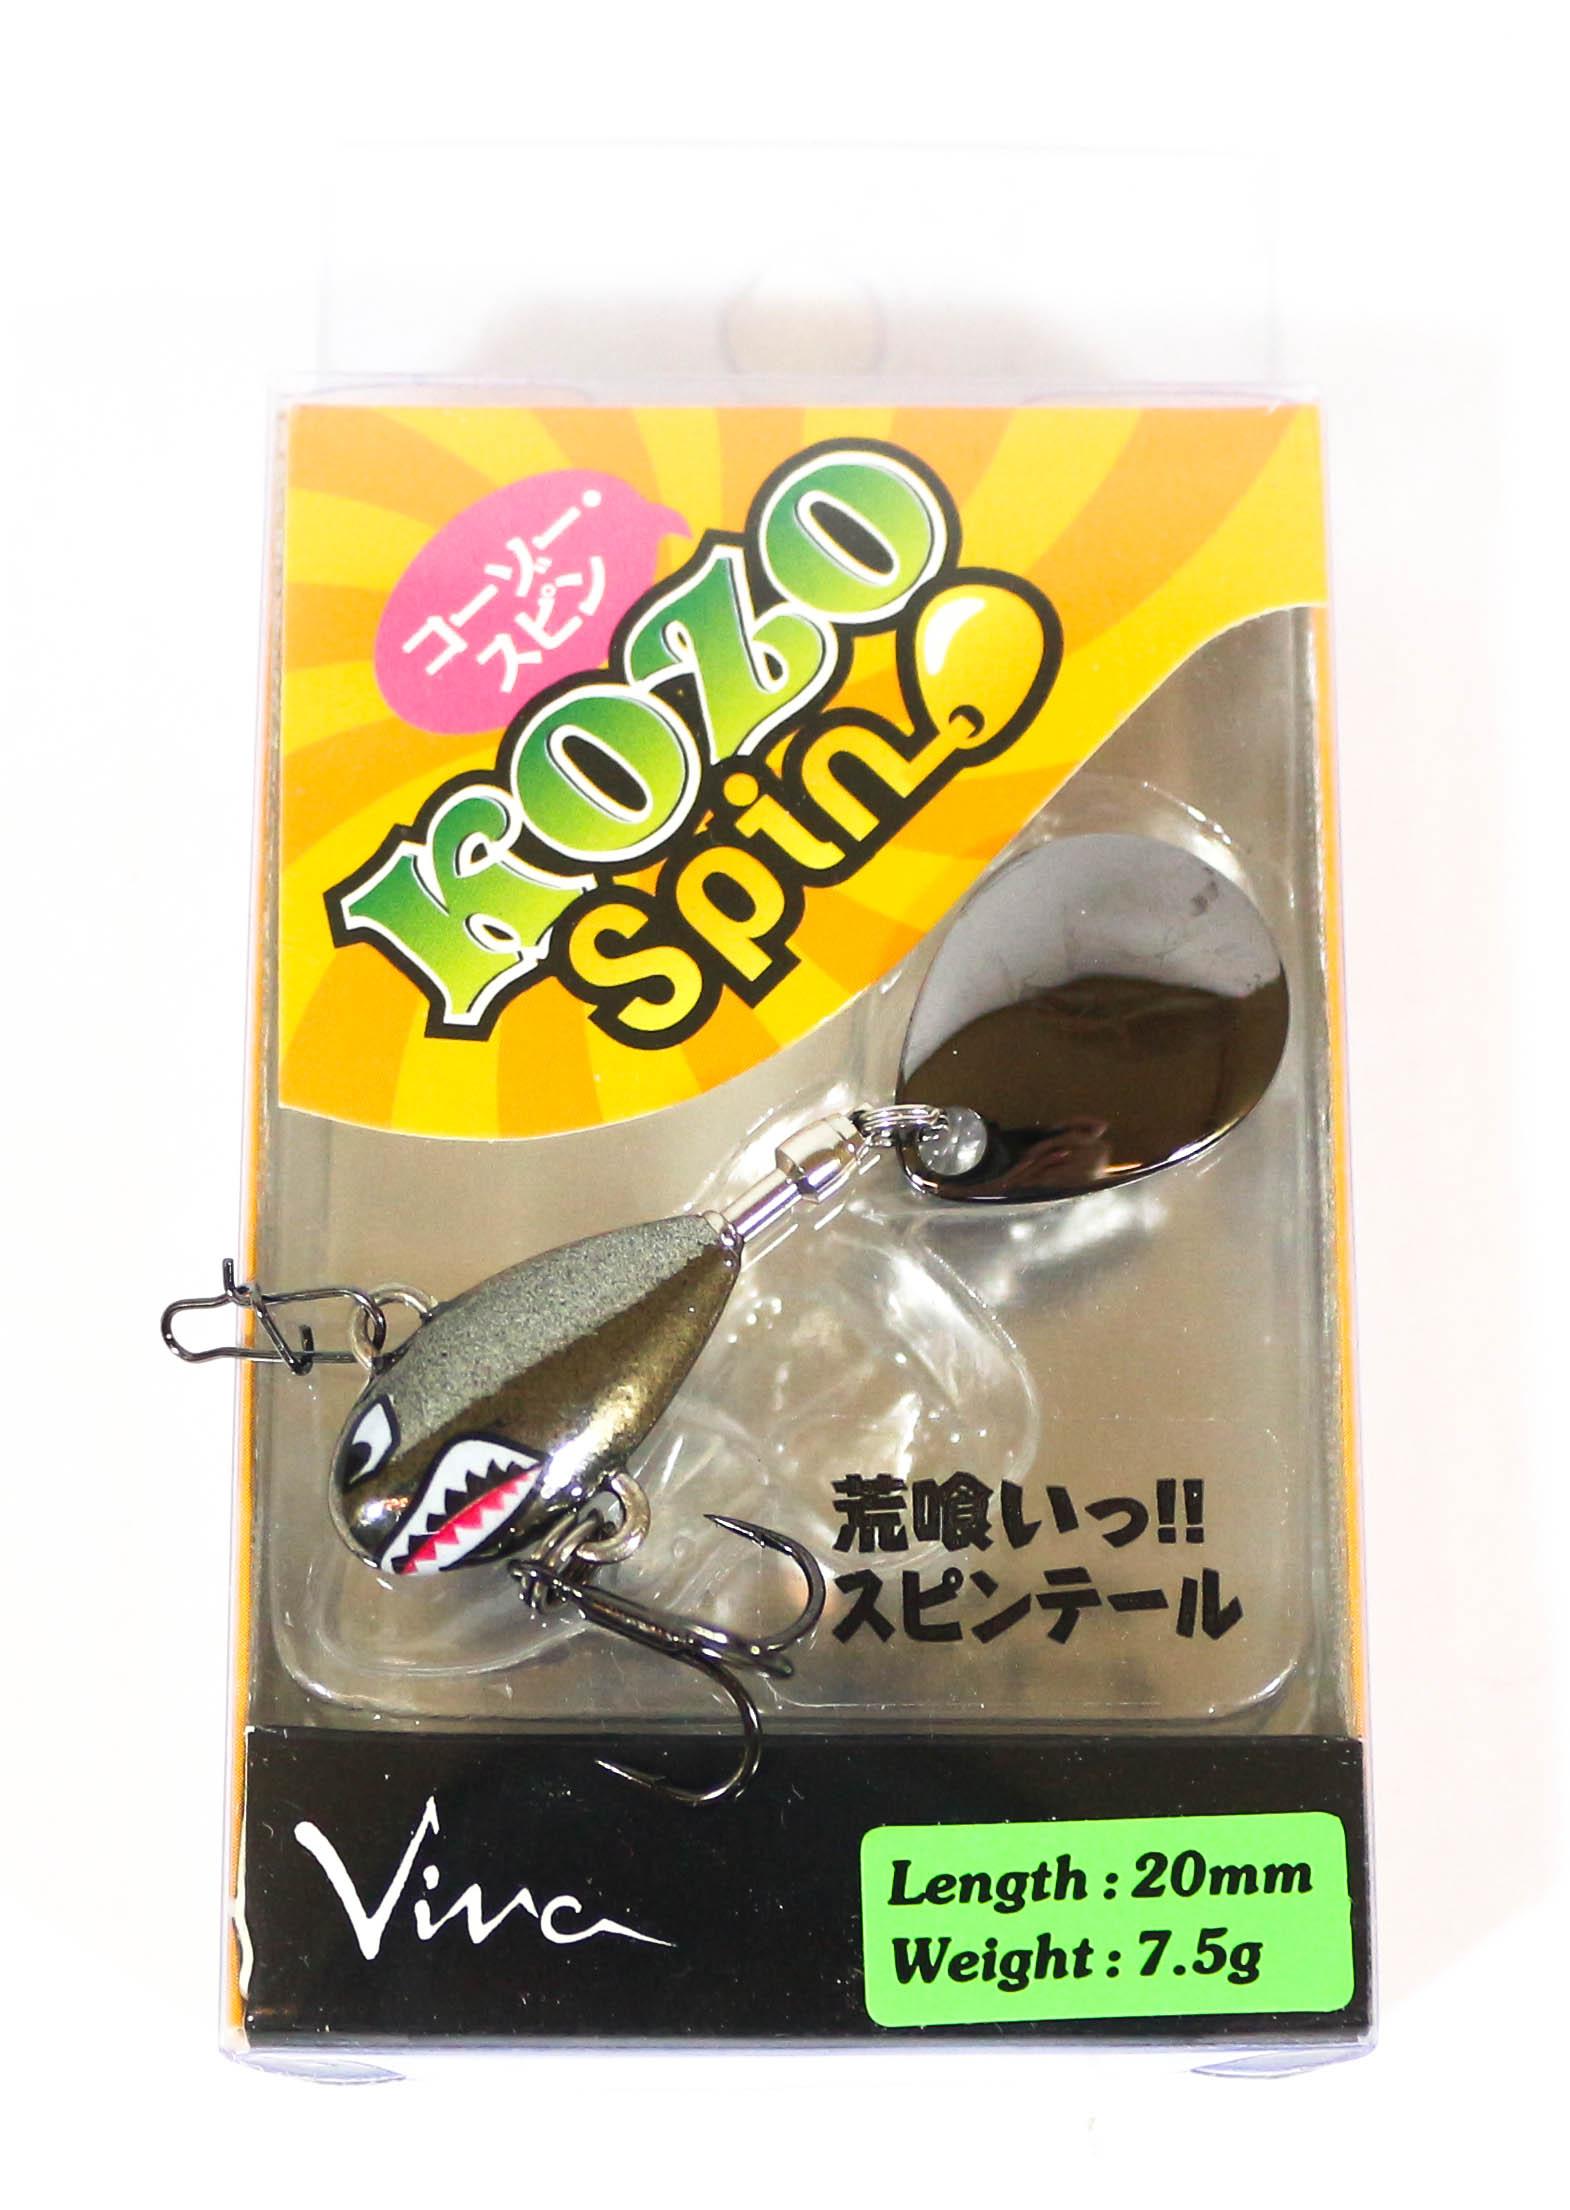 Viva Kozo Spin 7.5 grams Spinner Bait Lure 109 (5355)